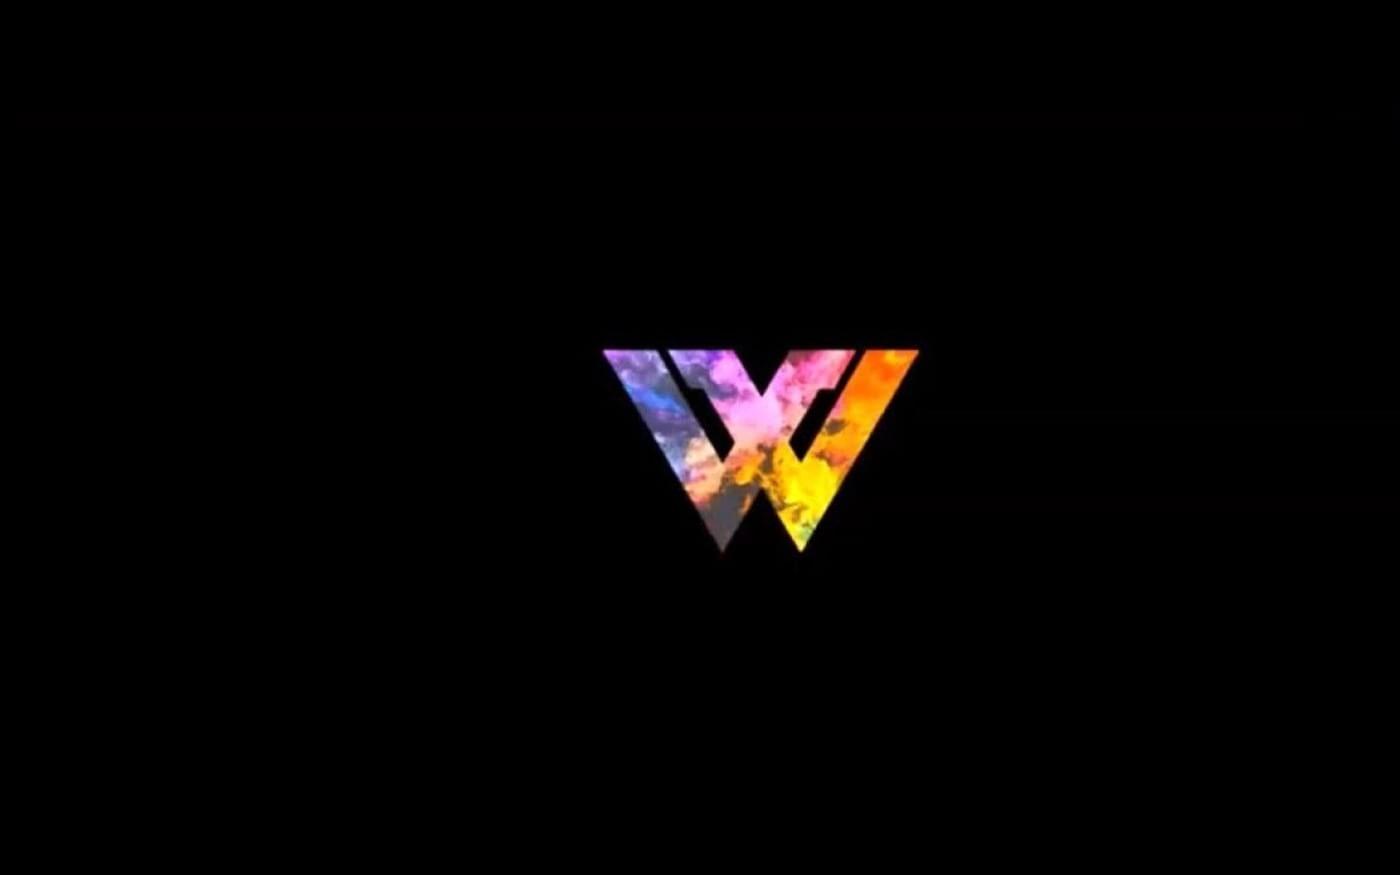 Estreia da série LG W - W10, W30 e W30 Pro